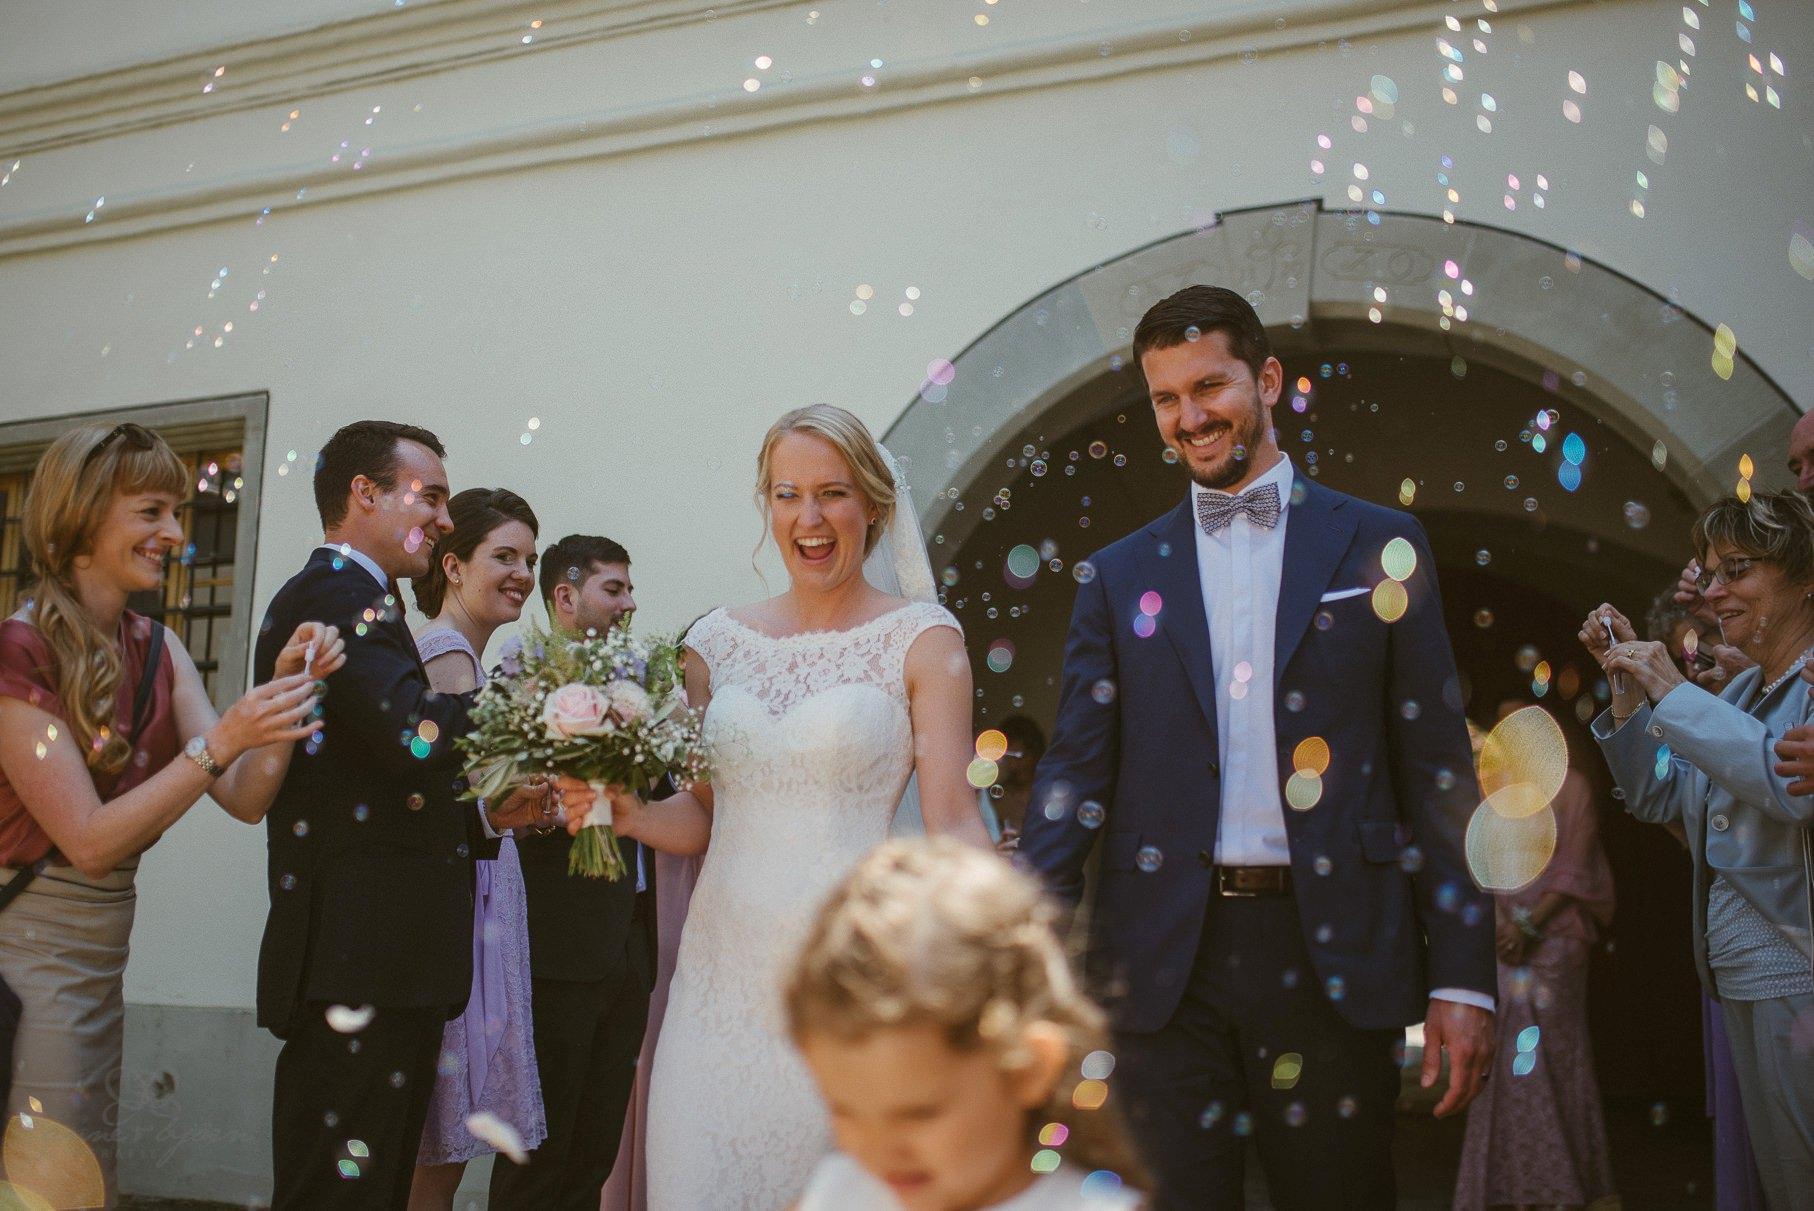 0056 anne und bjoern hochzeit schweiz d75 0257 - DIY Hochzeit in der Schweiz - Sabrina & Christoph